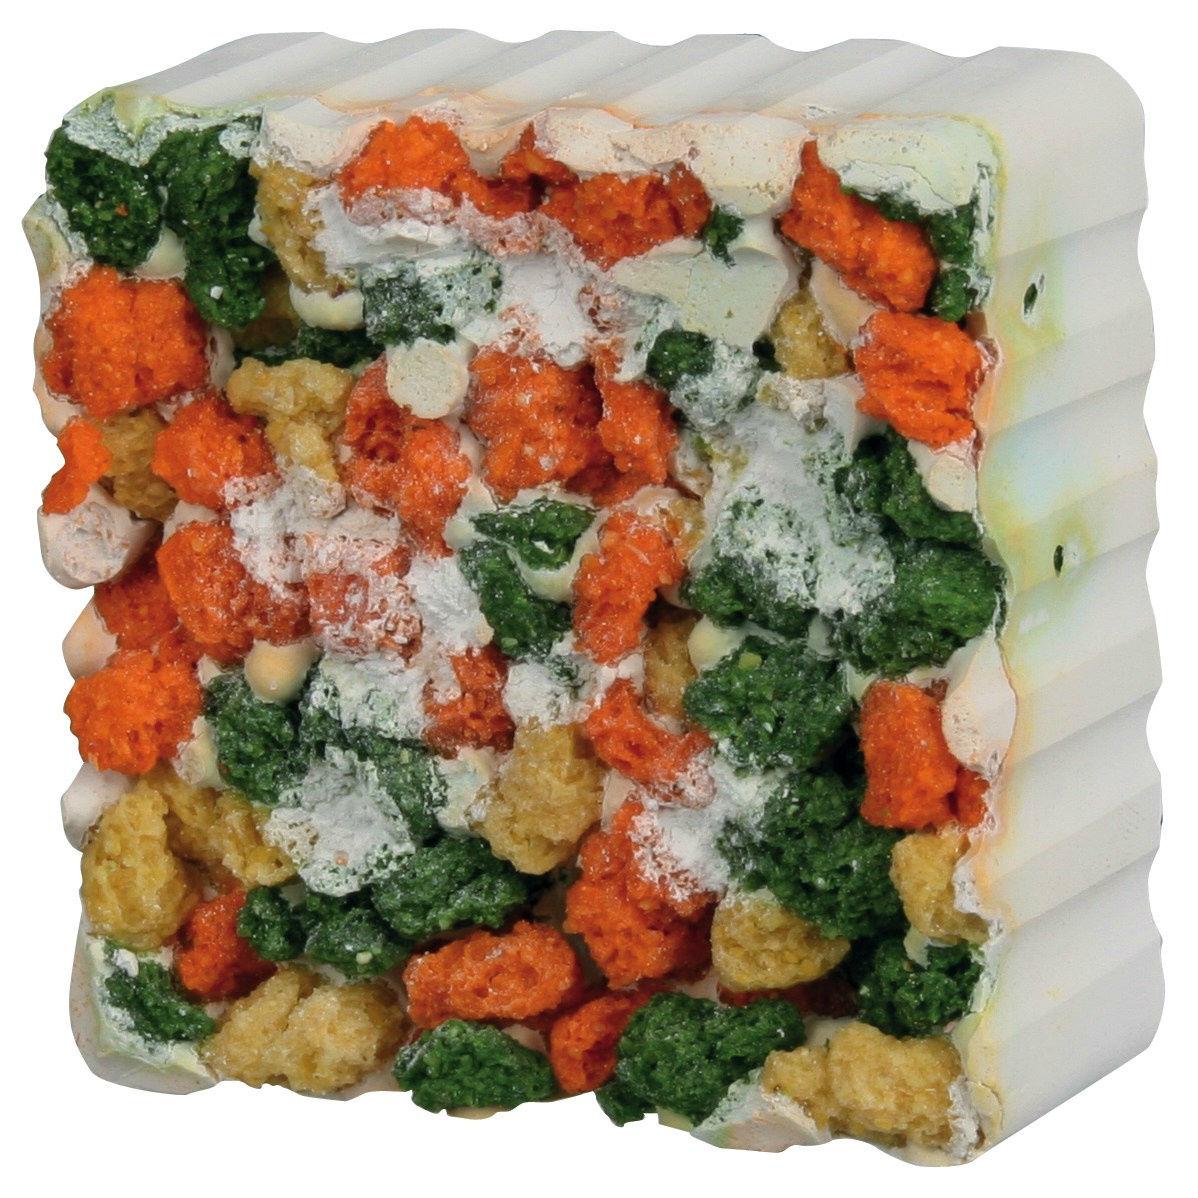 TRIXIE Nagestein für Kleintiere mit Algen und Kroketten 6016